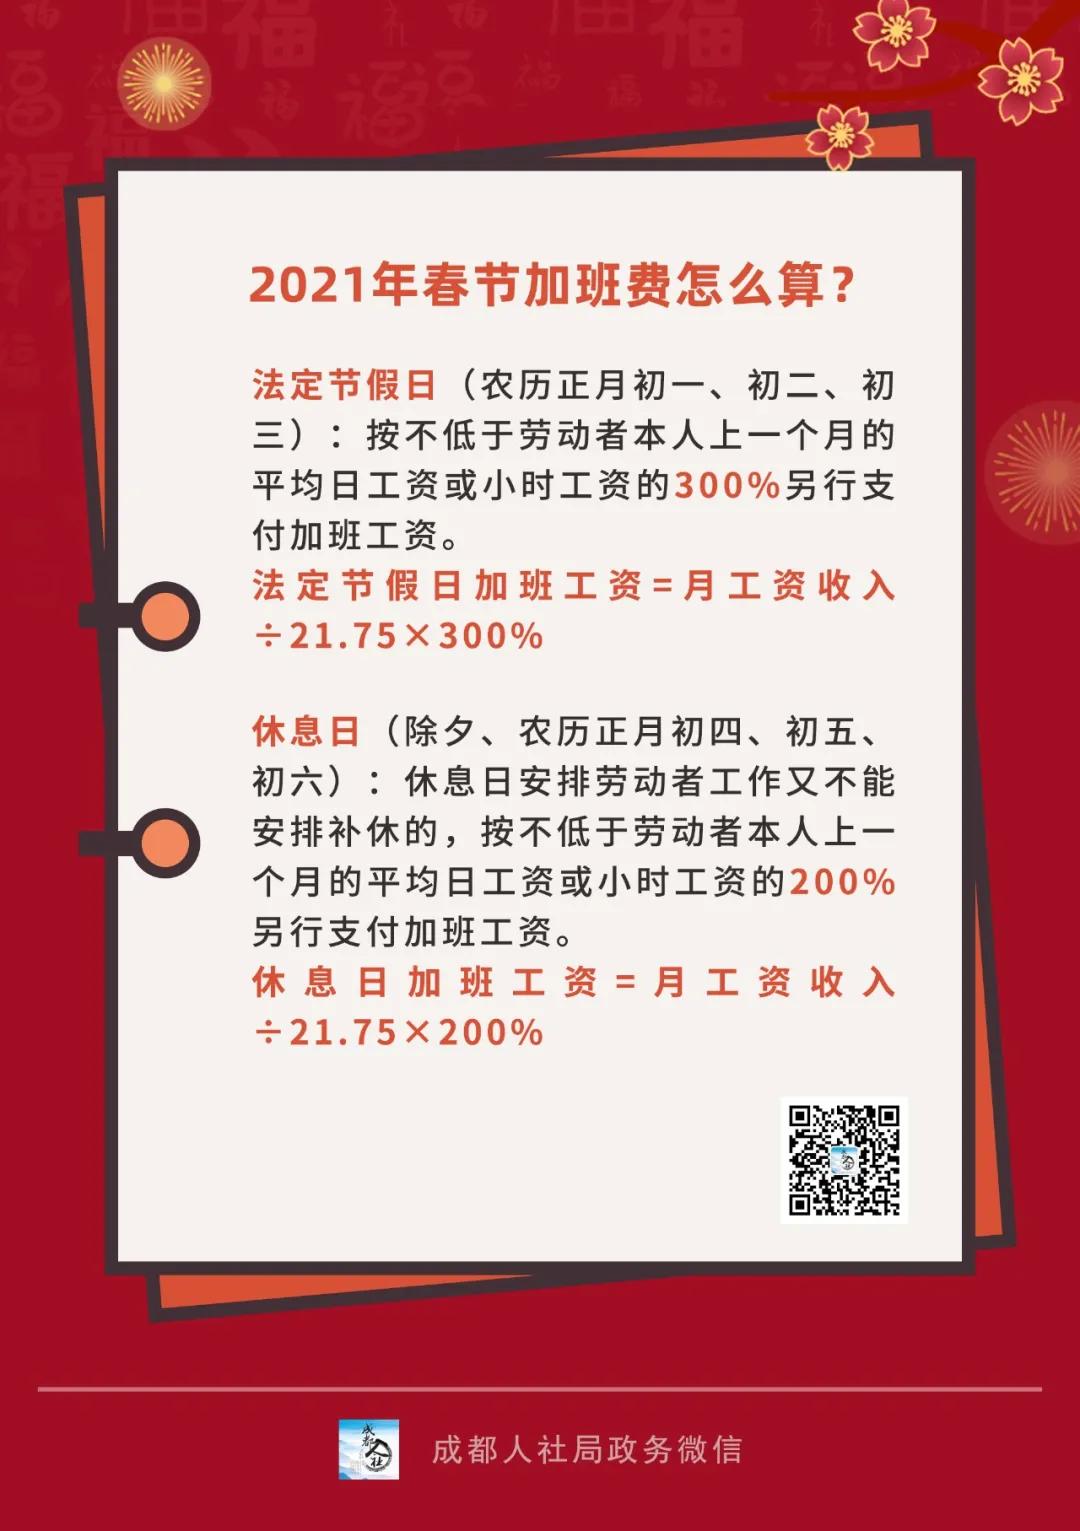 2021年春节加班费怎么算?一图弄懂